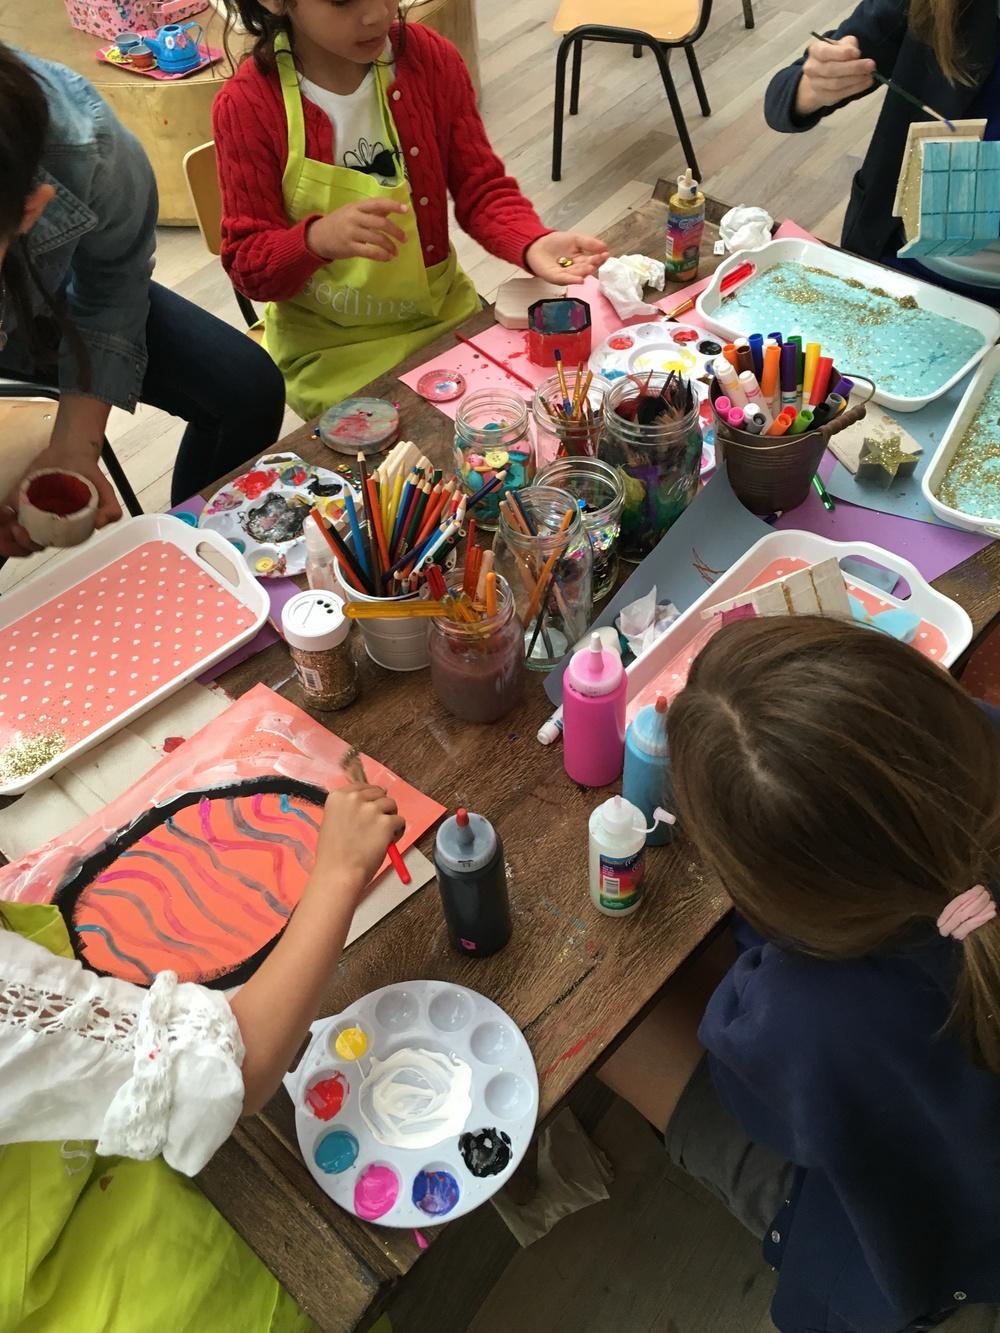 ちょうど行った時は子ども達はアートを楽しんでいました。